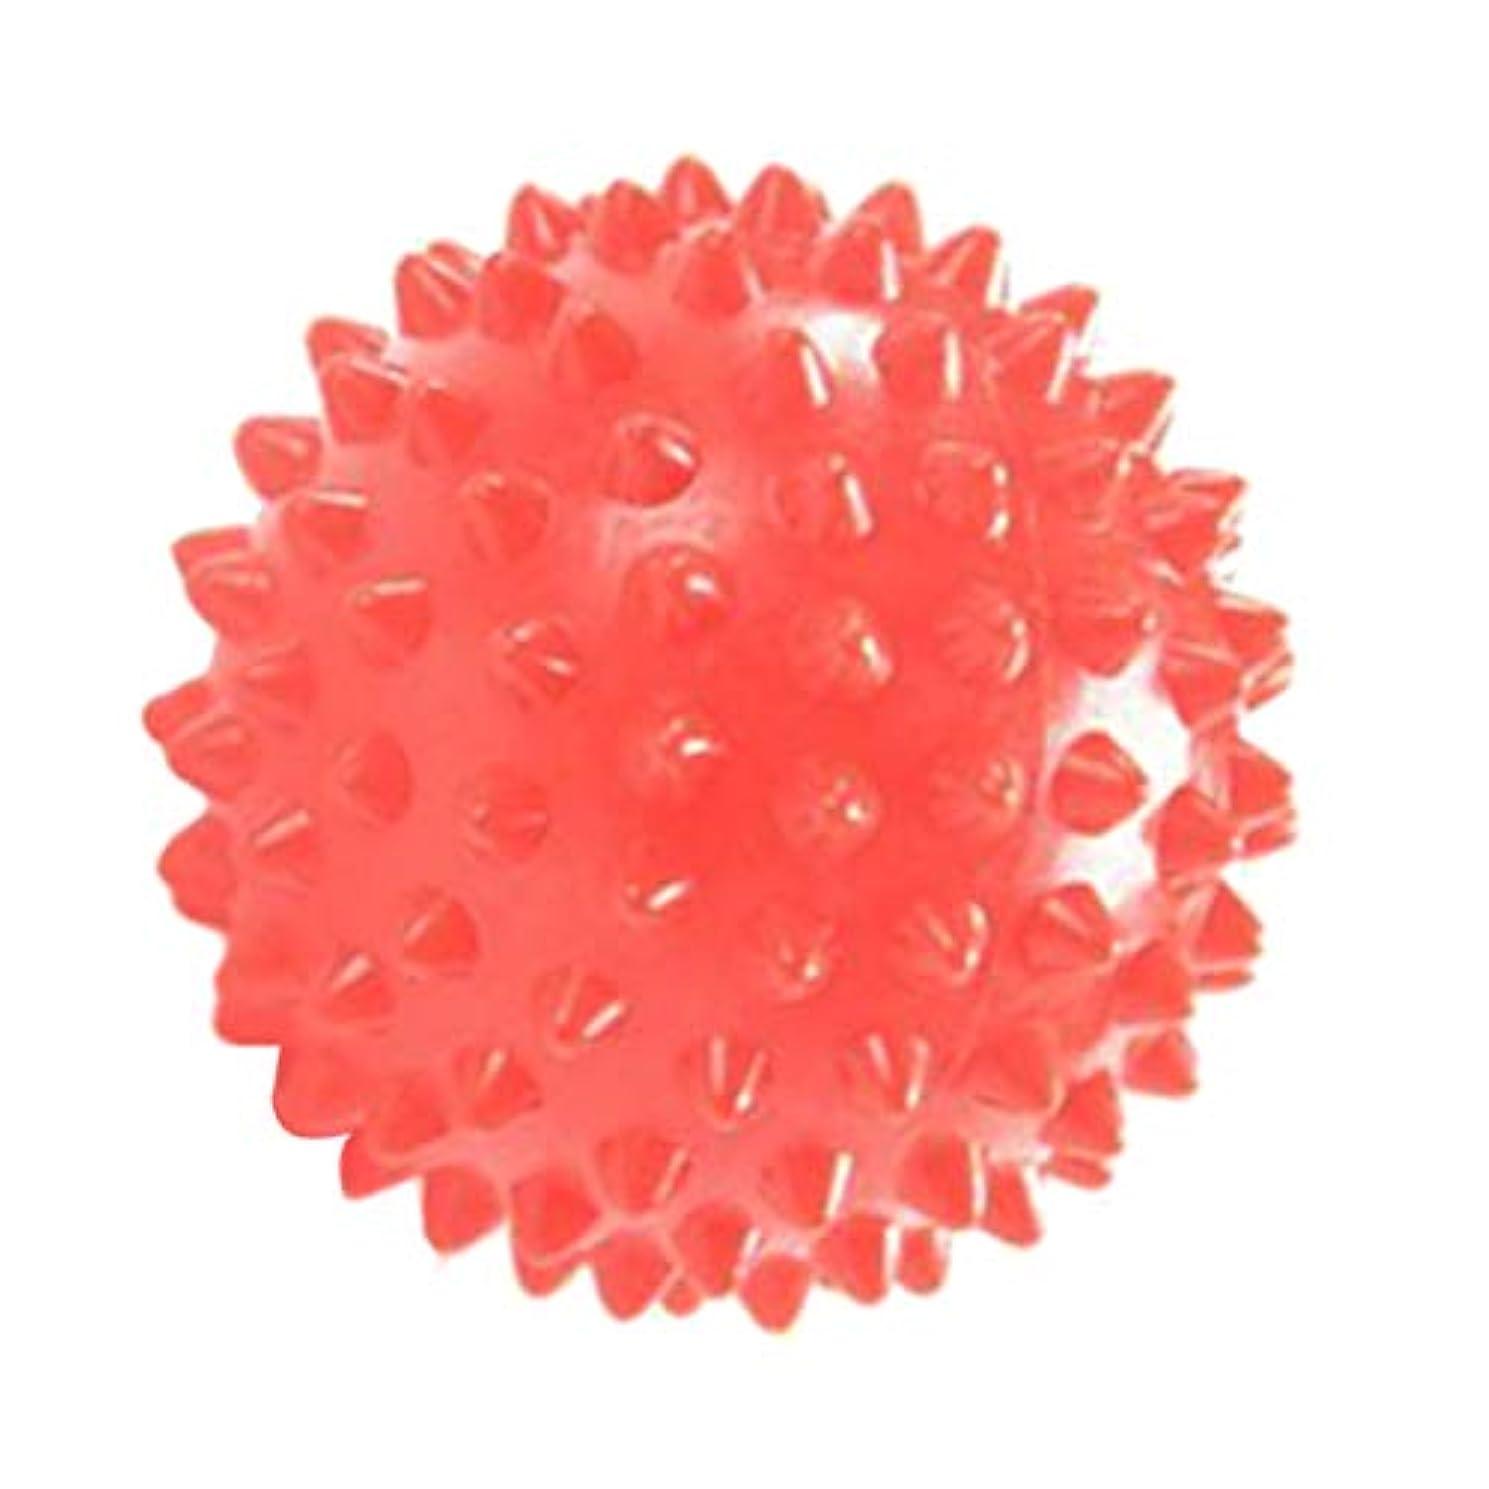 正規化露骨な推進力指圧ボール 触覚ボール マッサージローラー ローラーボール 軽量 持ち運び便利 補助ツール